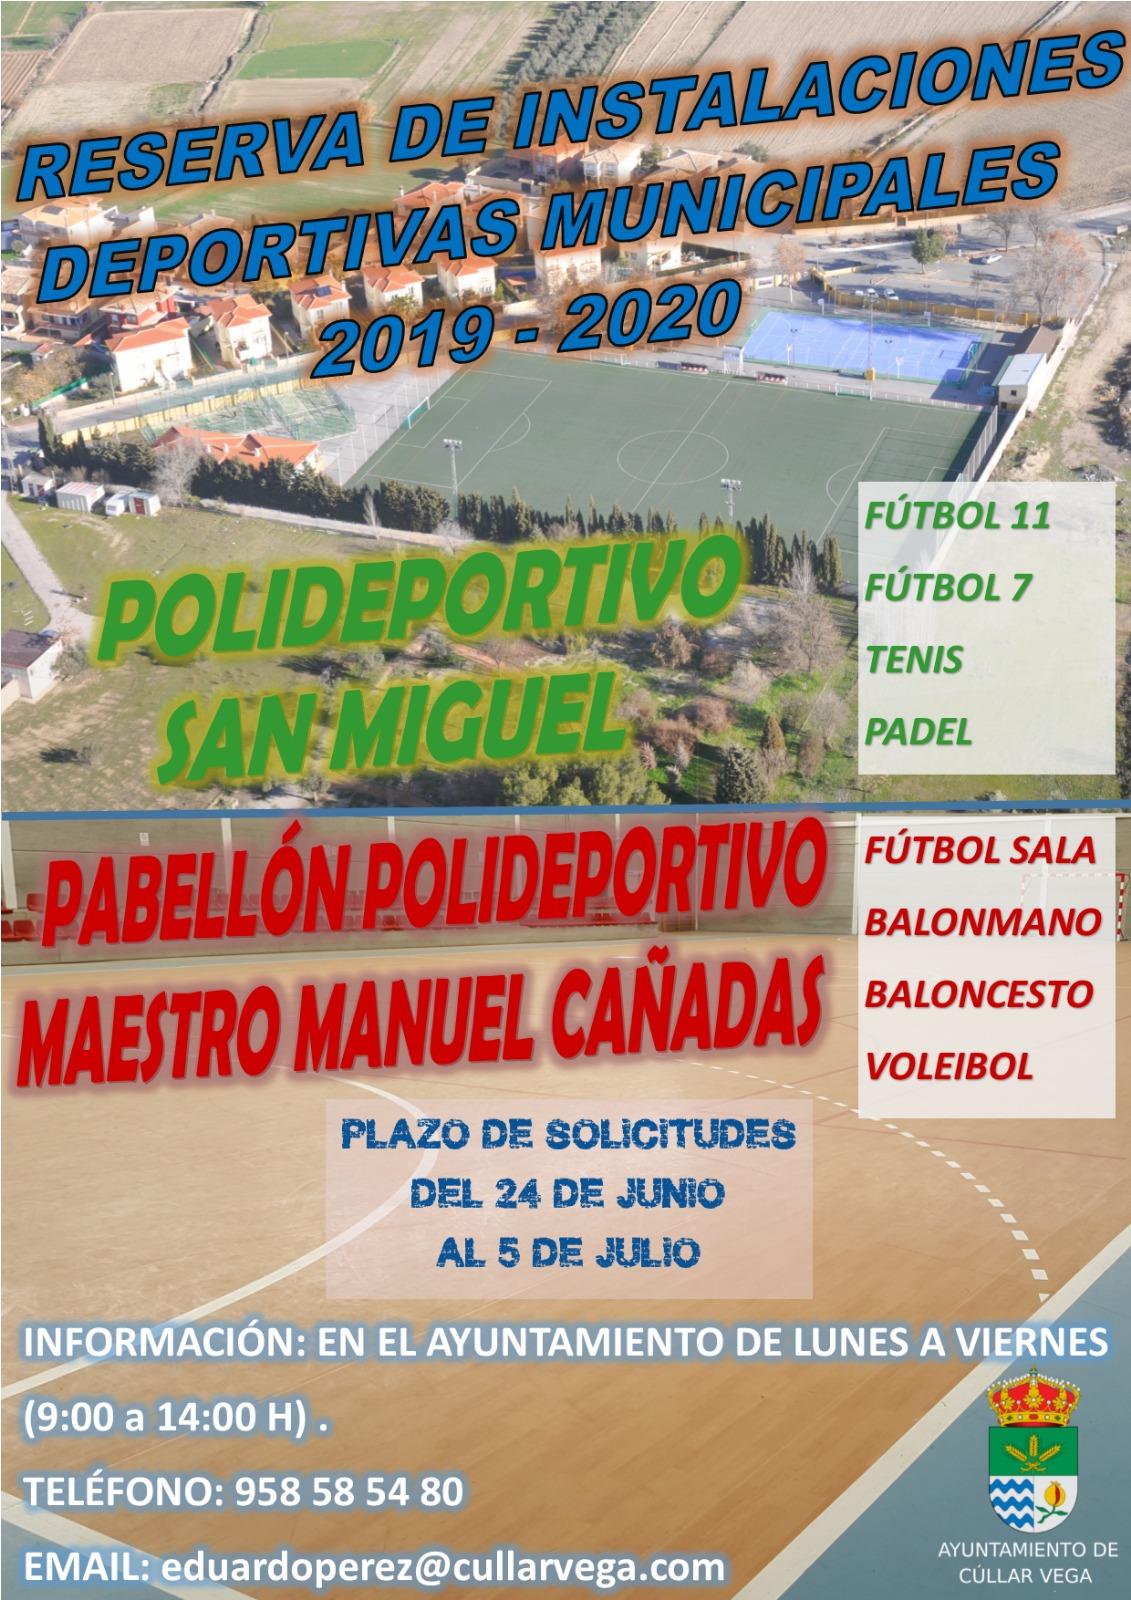 RESERVA DE INSTALACIONES DEPORTIVAS MUNICIPALES. TEMPORADA 2019-2020